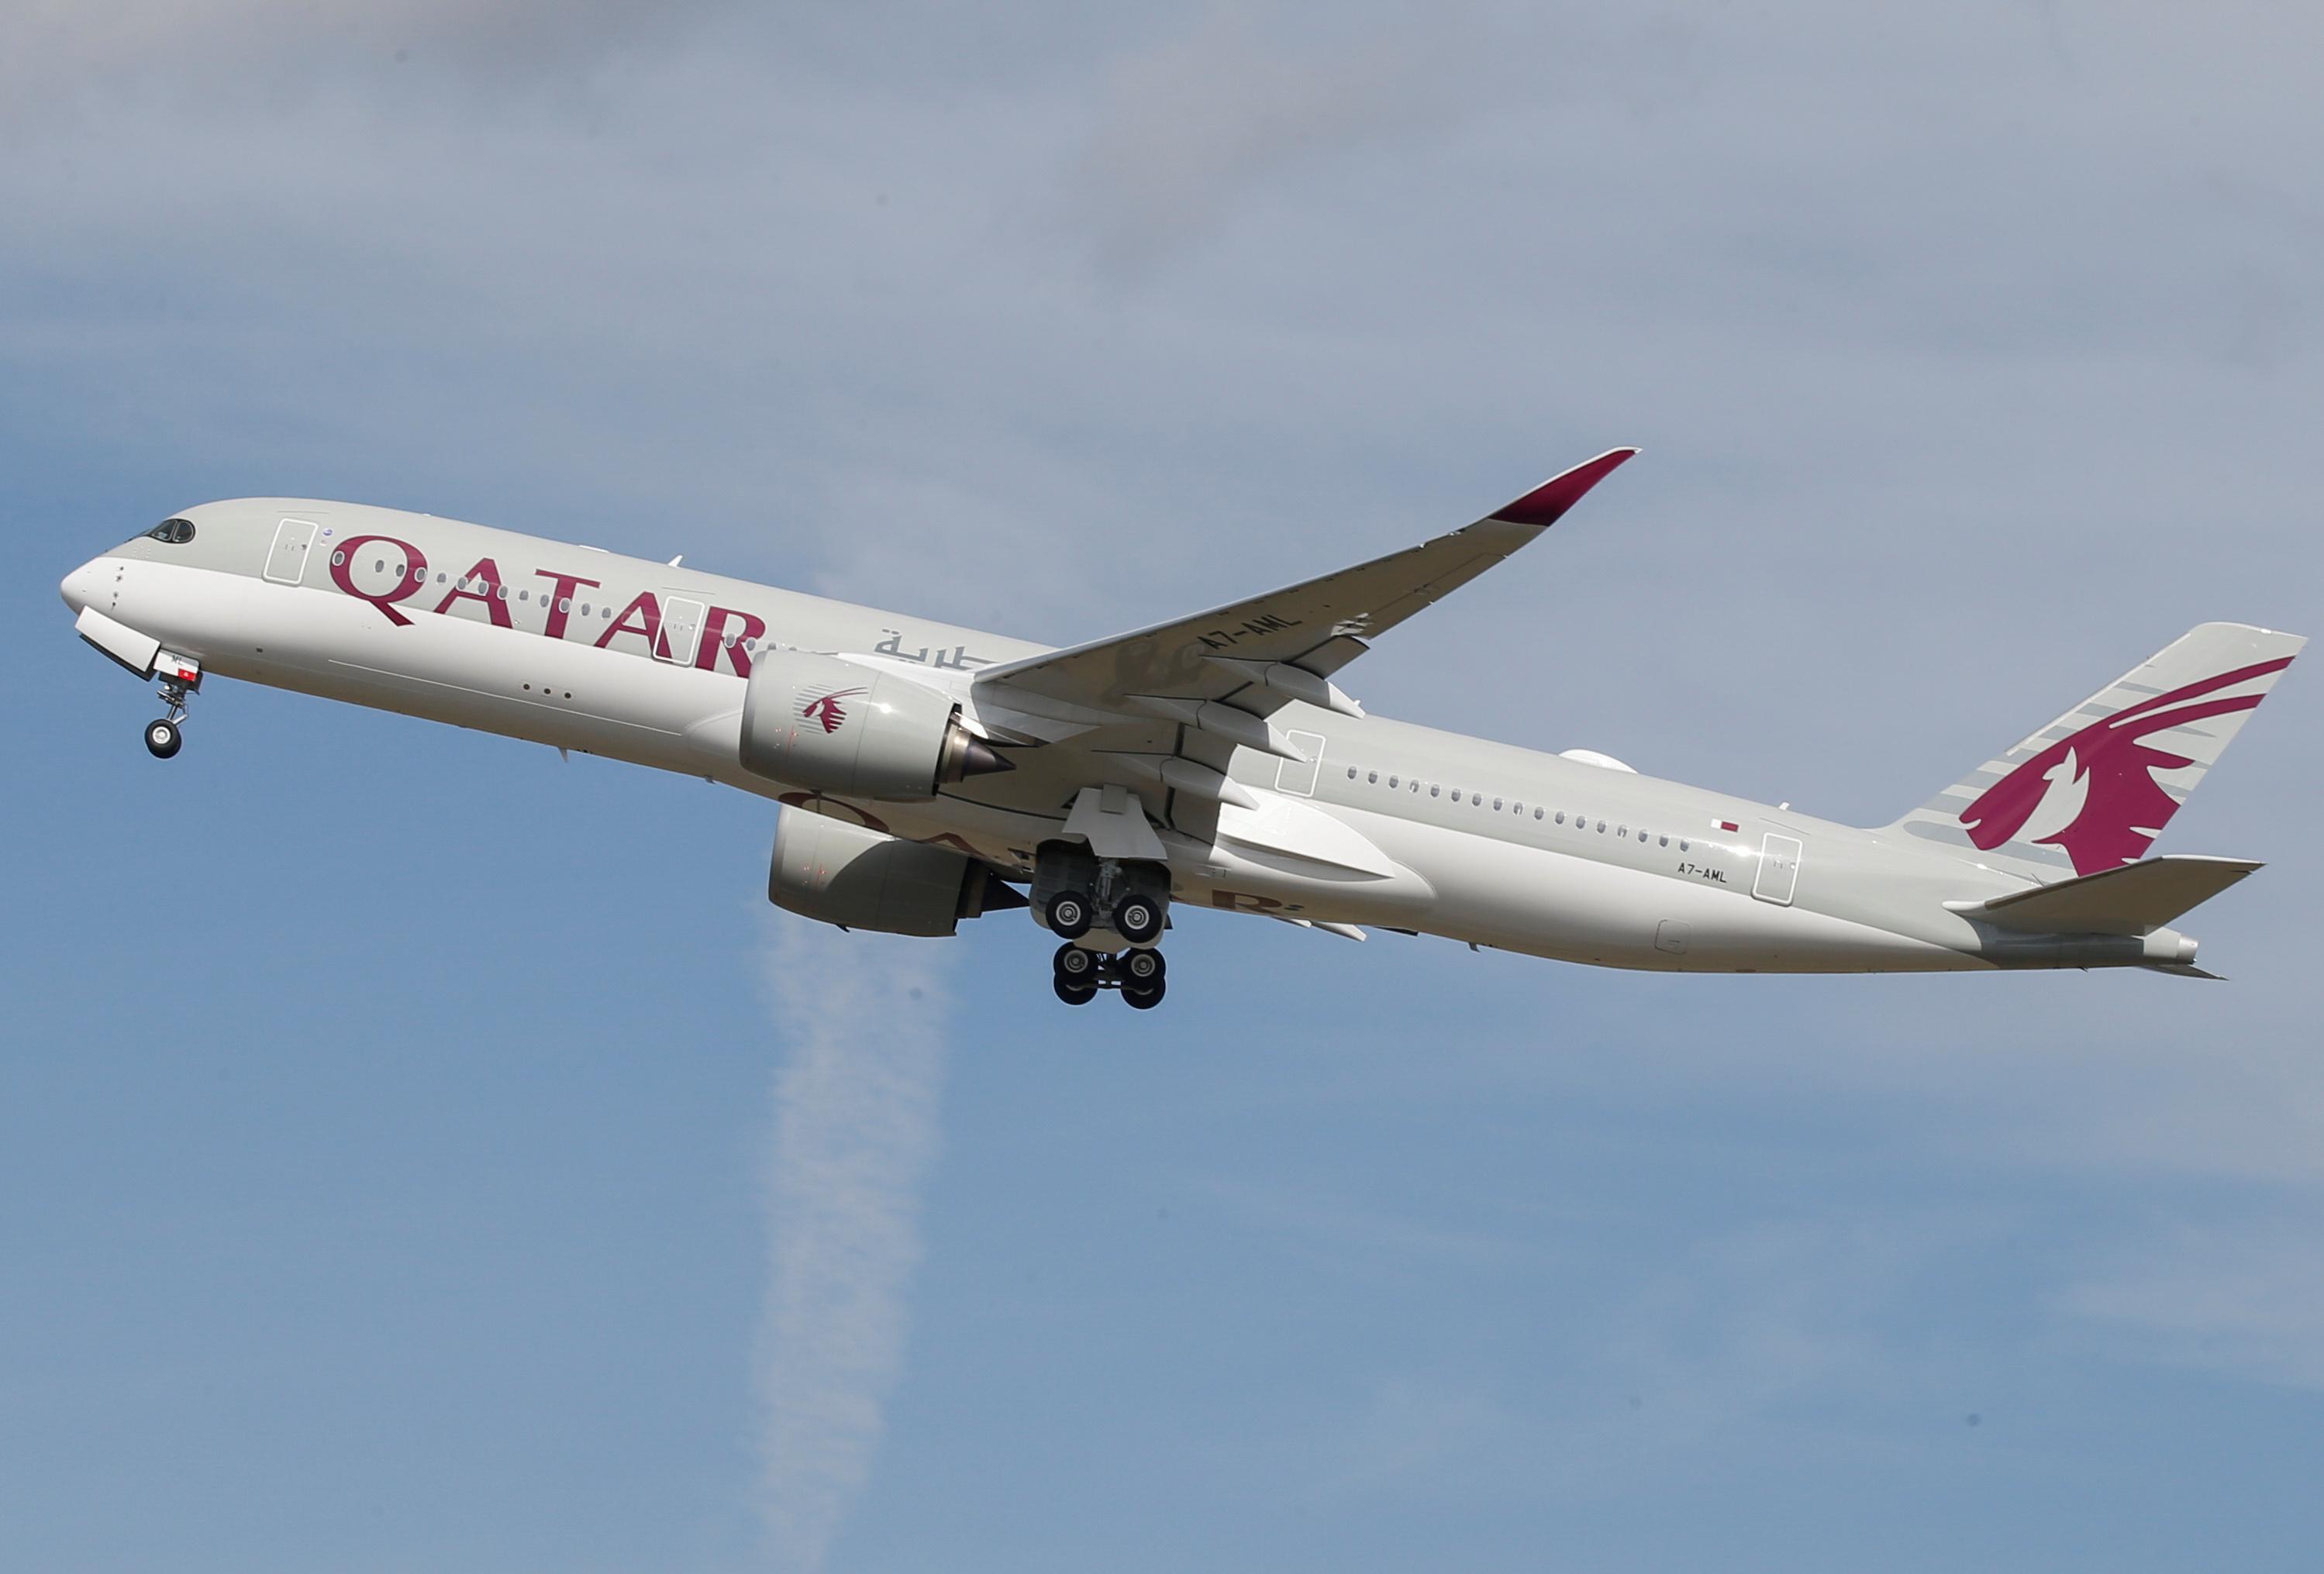 Qatar Airways signs $4 billion CFM engine order